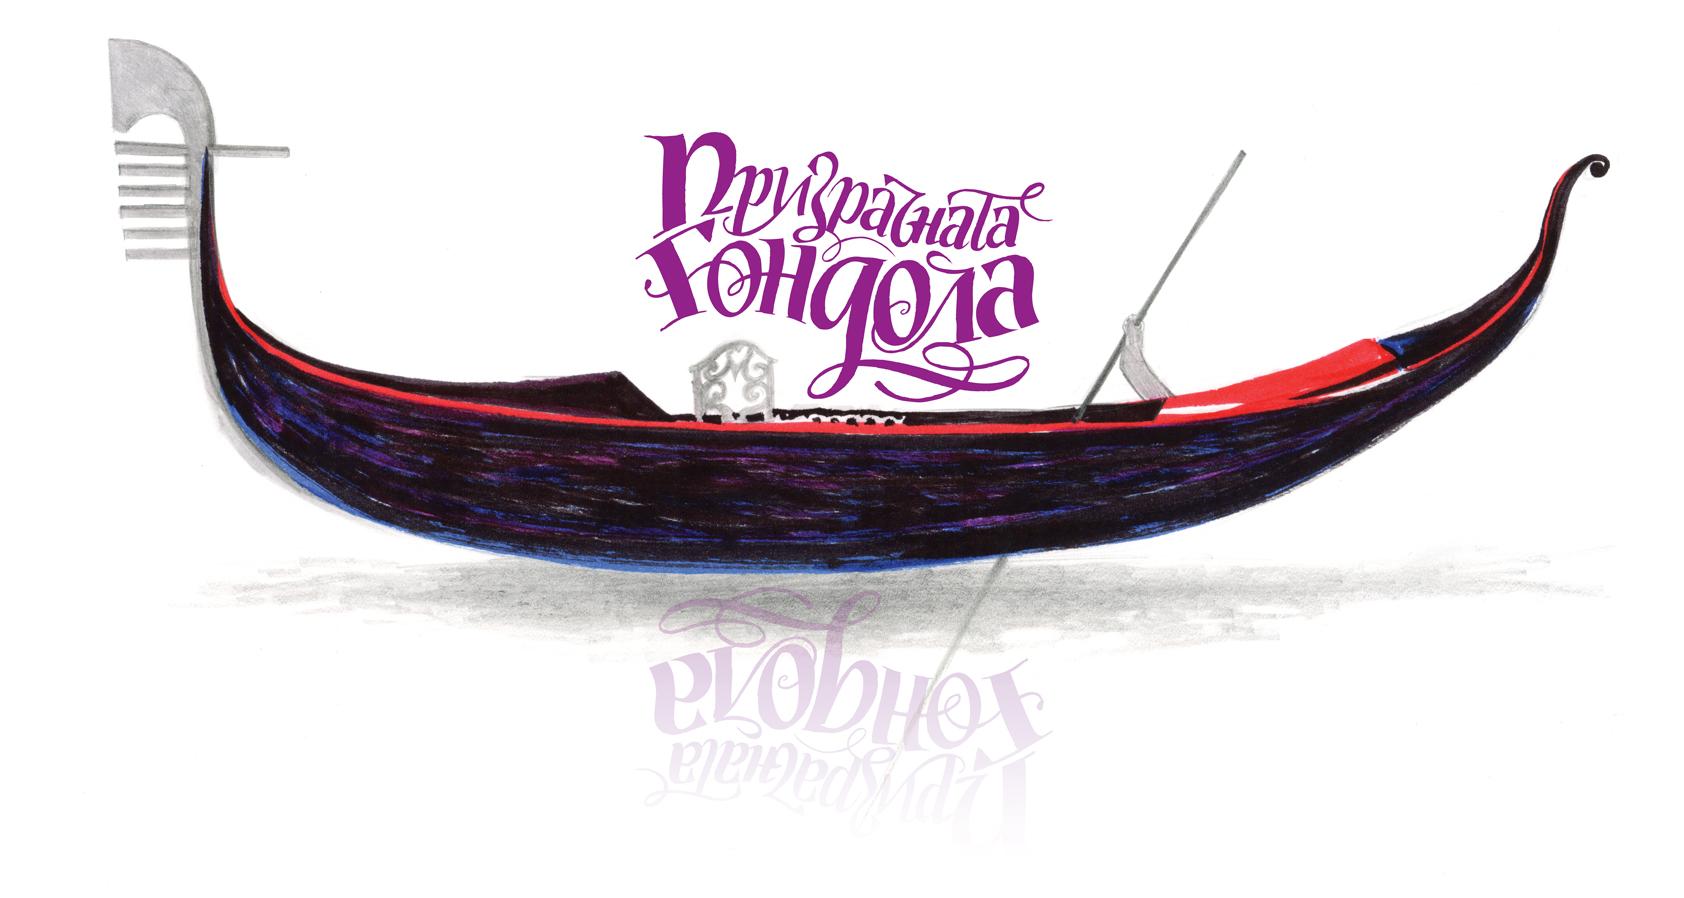 prizrachnata_gondola_illustration_2